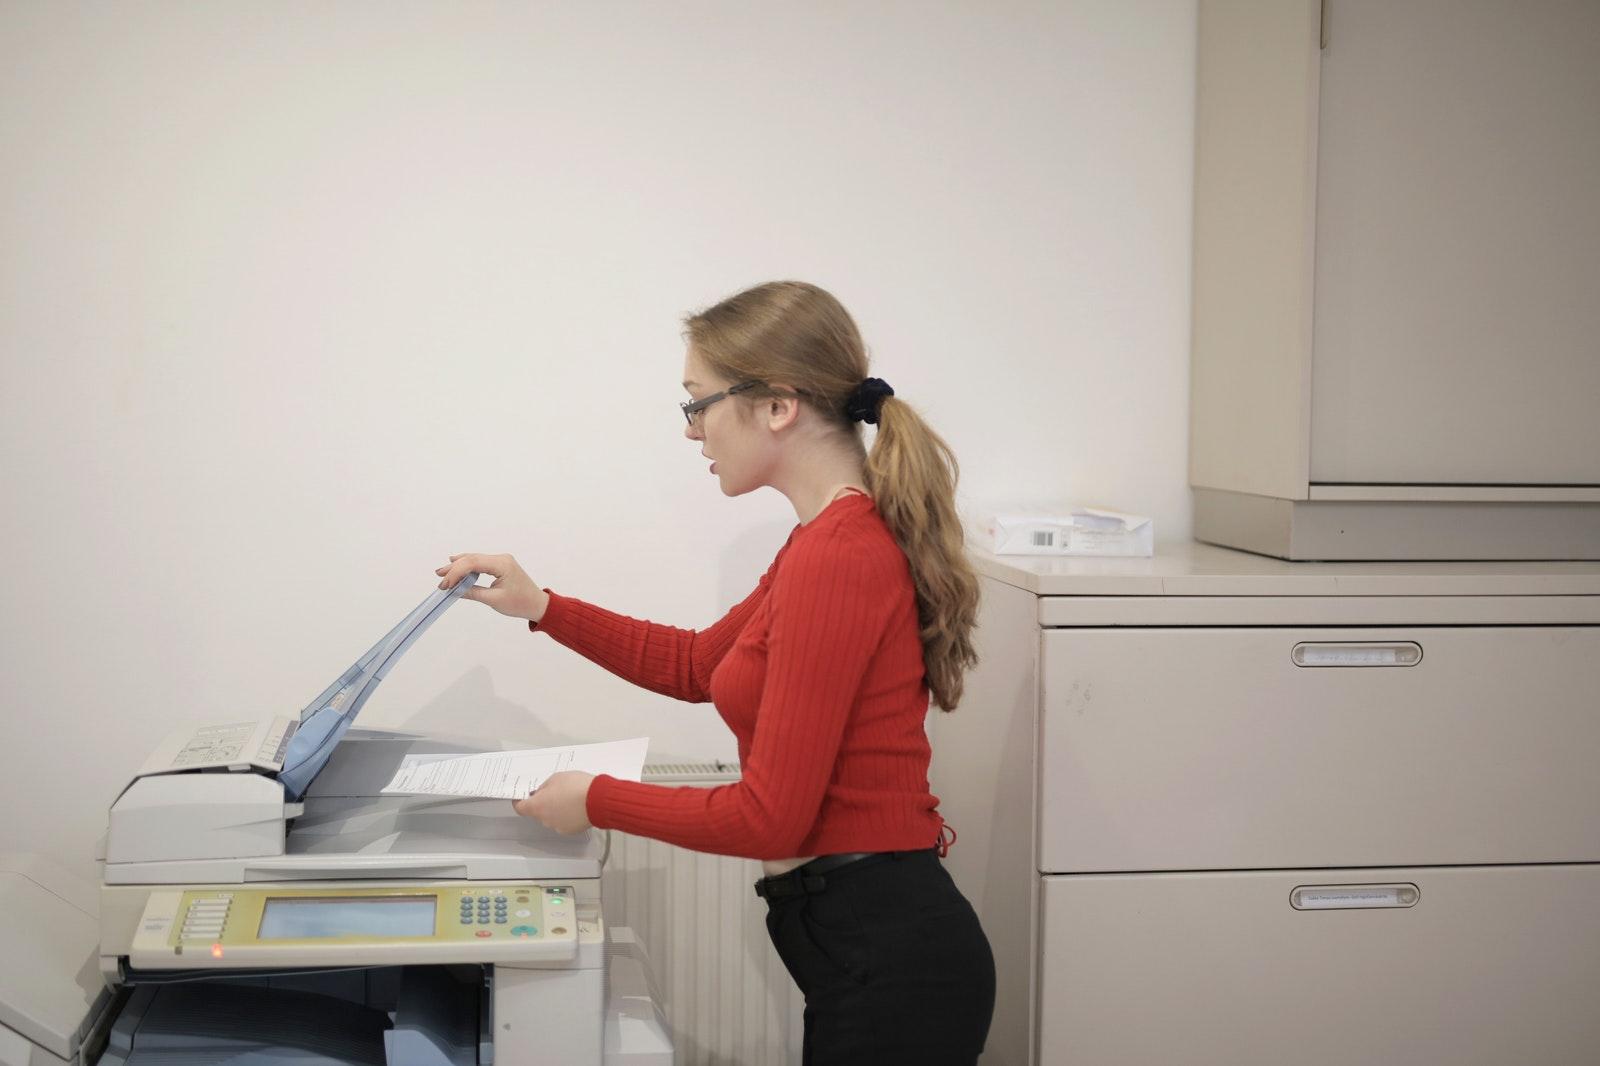 multifunktionsdrucker beidseitig scannen